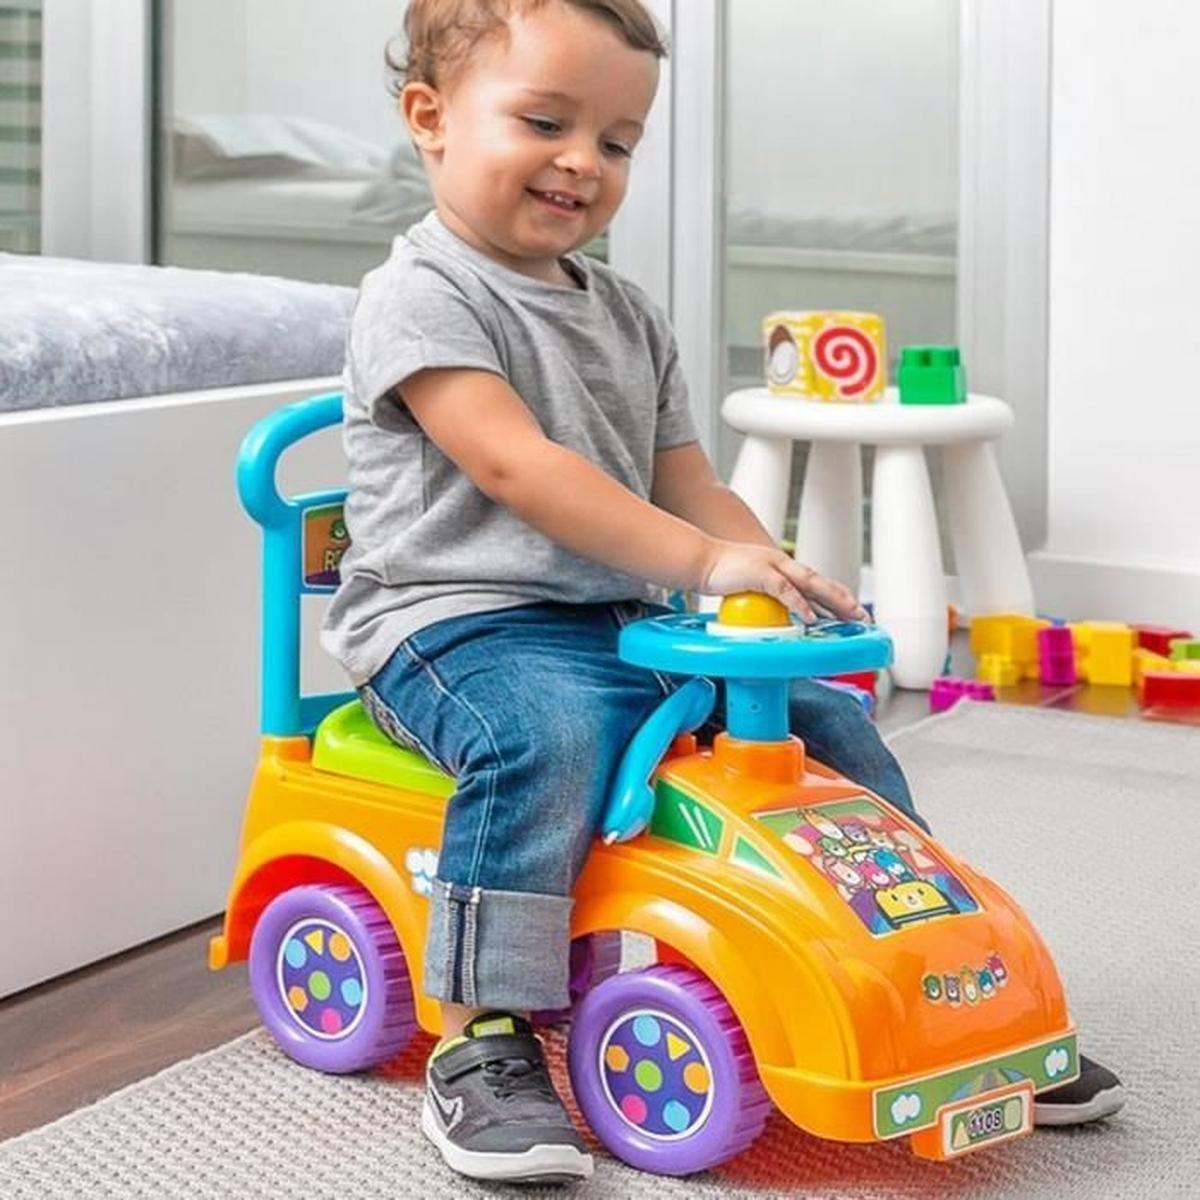 Porteur Pousseur Voiture Camion Pour Enfant Bébé My Best dedans Jouet Pour Voiture Bébé